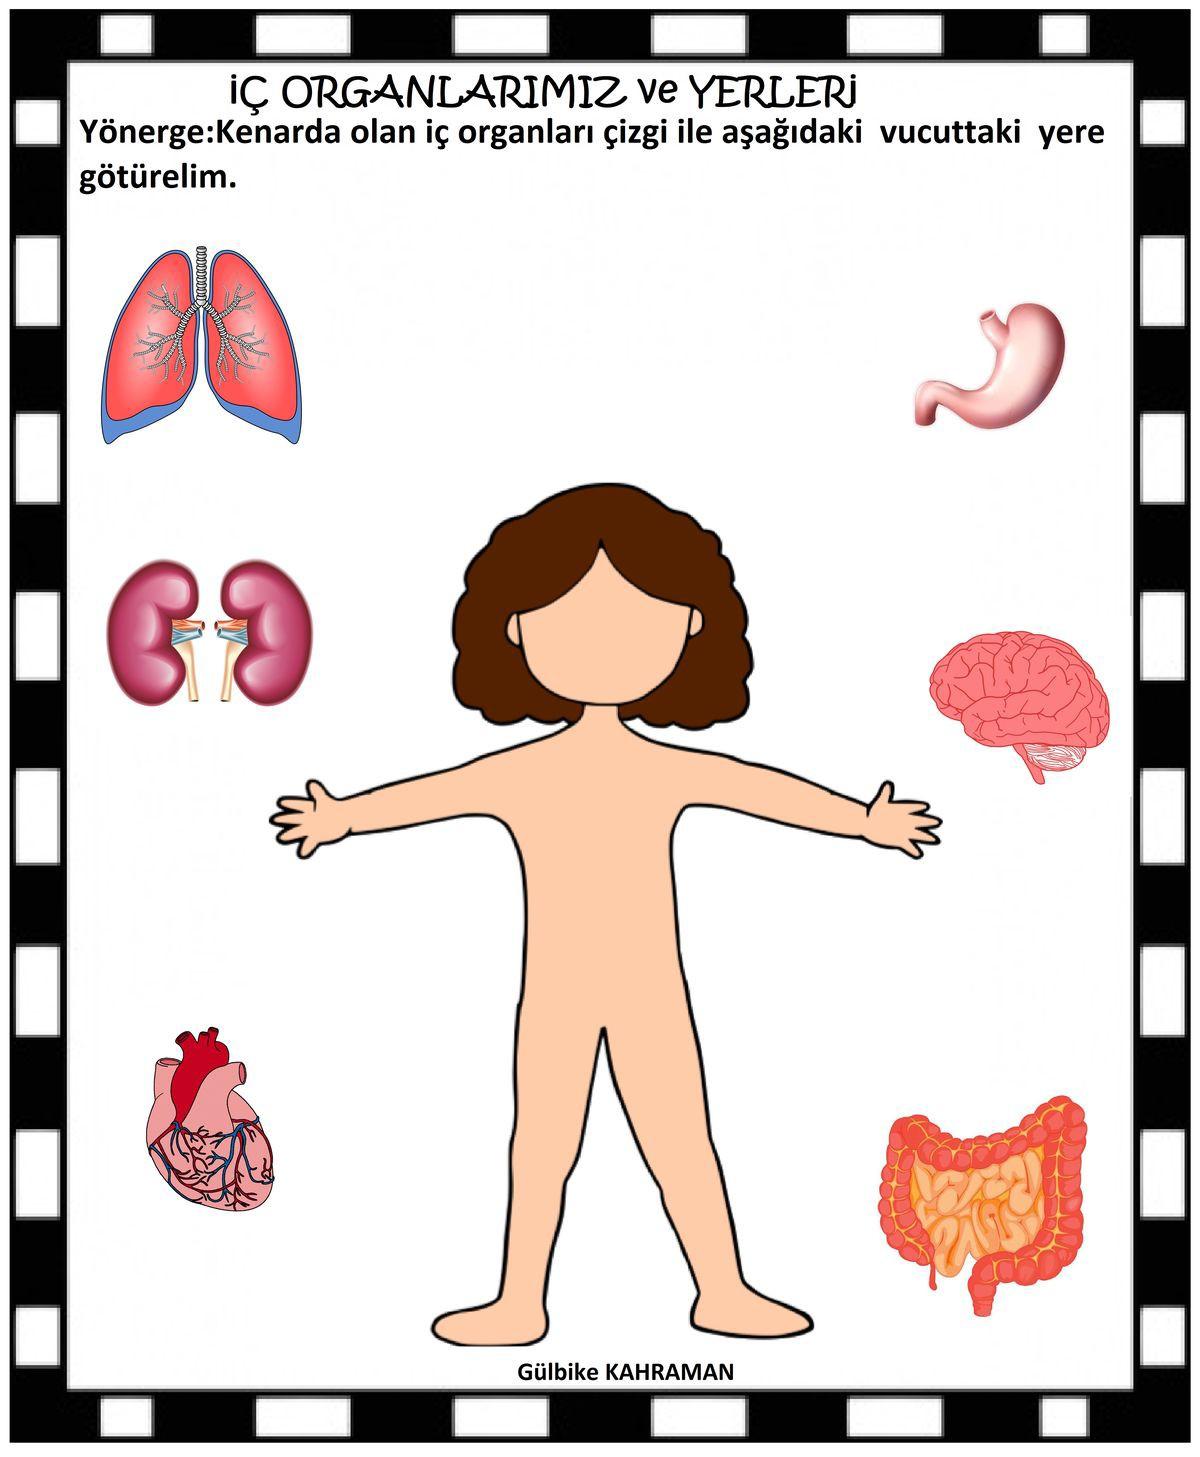 Organlarimizin Yerleri Okul Oncesi Guzel Sozler Ve Bilgi